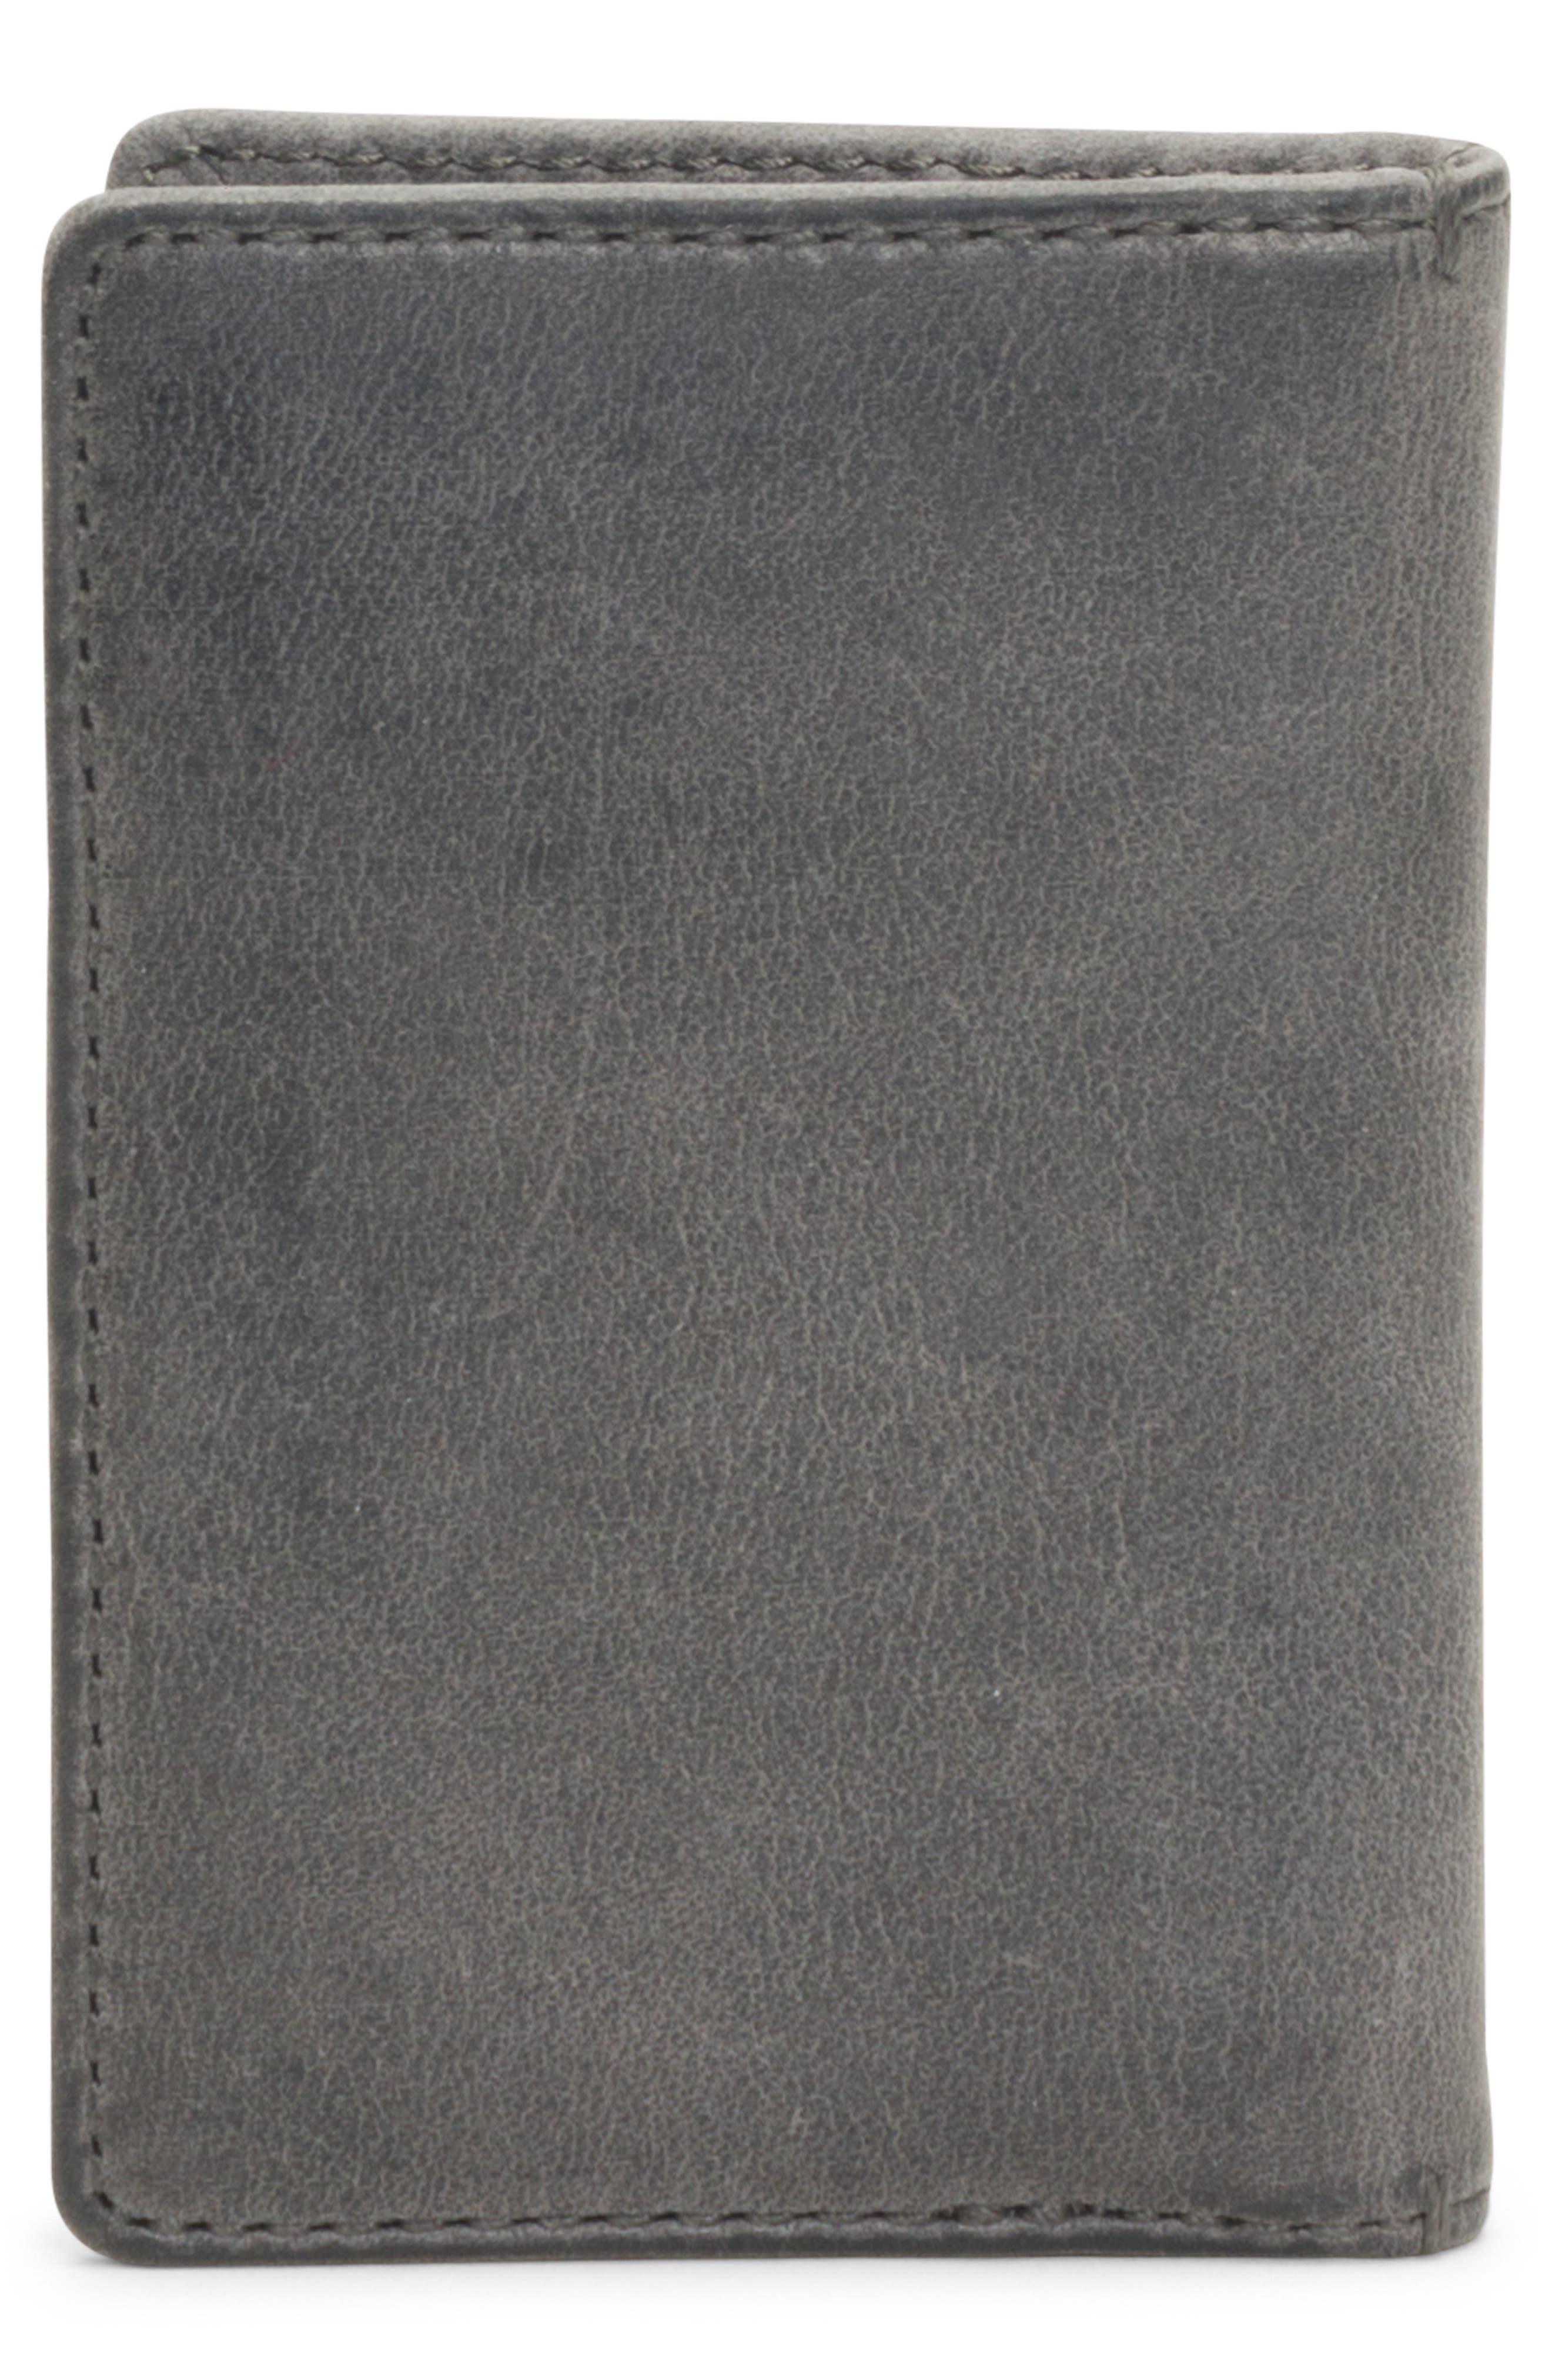 Oliver Leather Wallet,                             Alternate thumbnail 3, color,                             SLATE